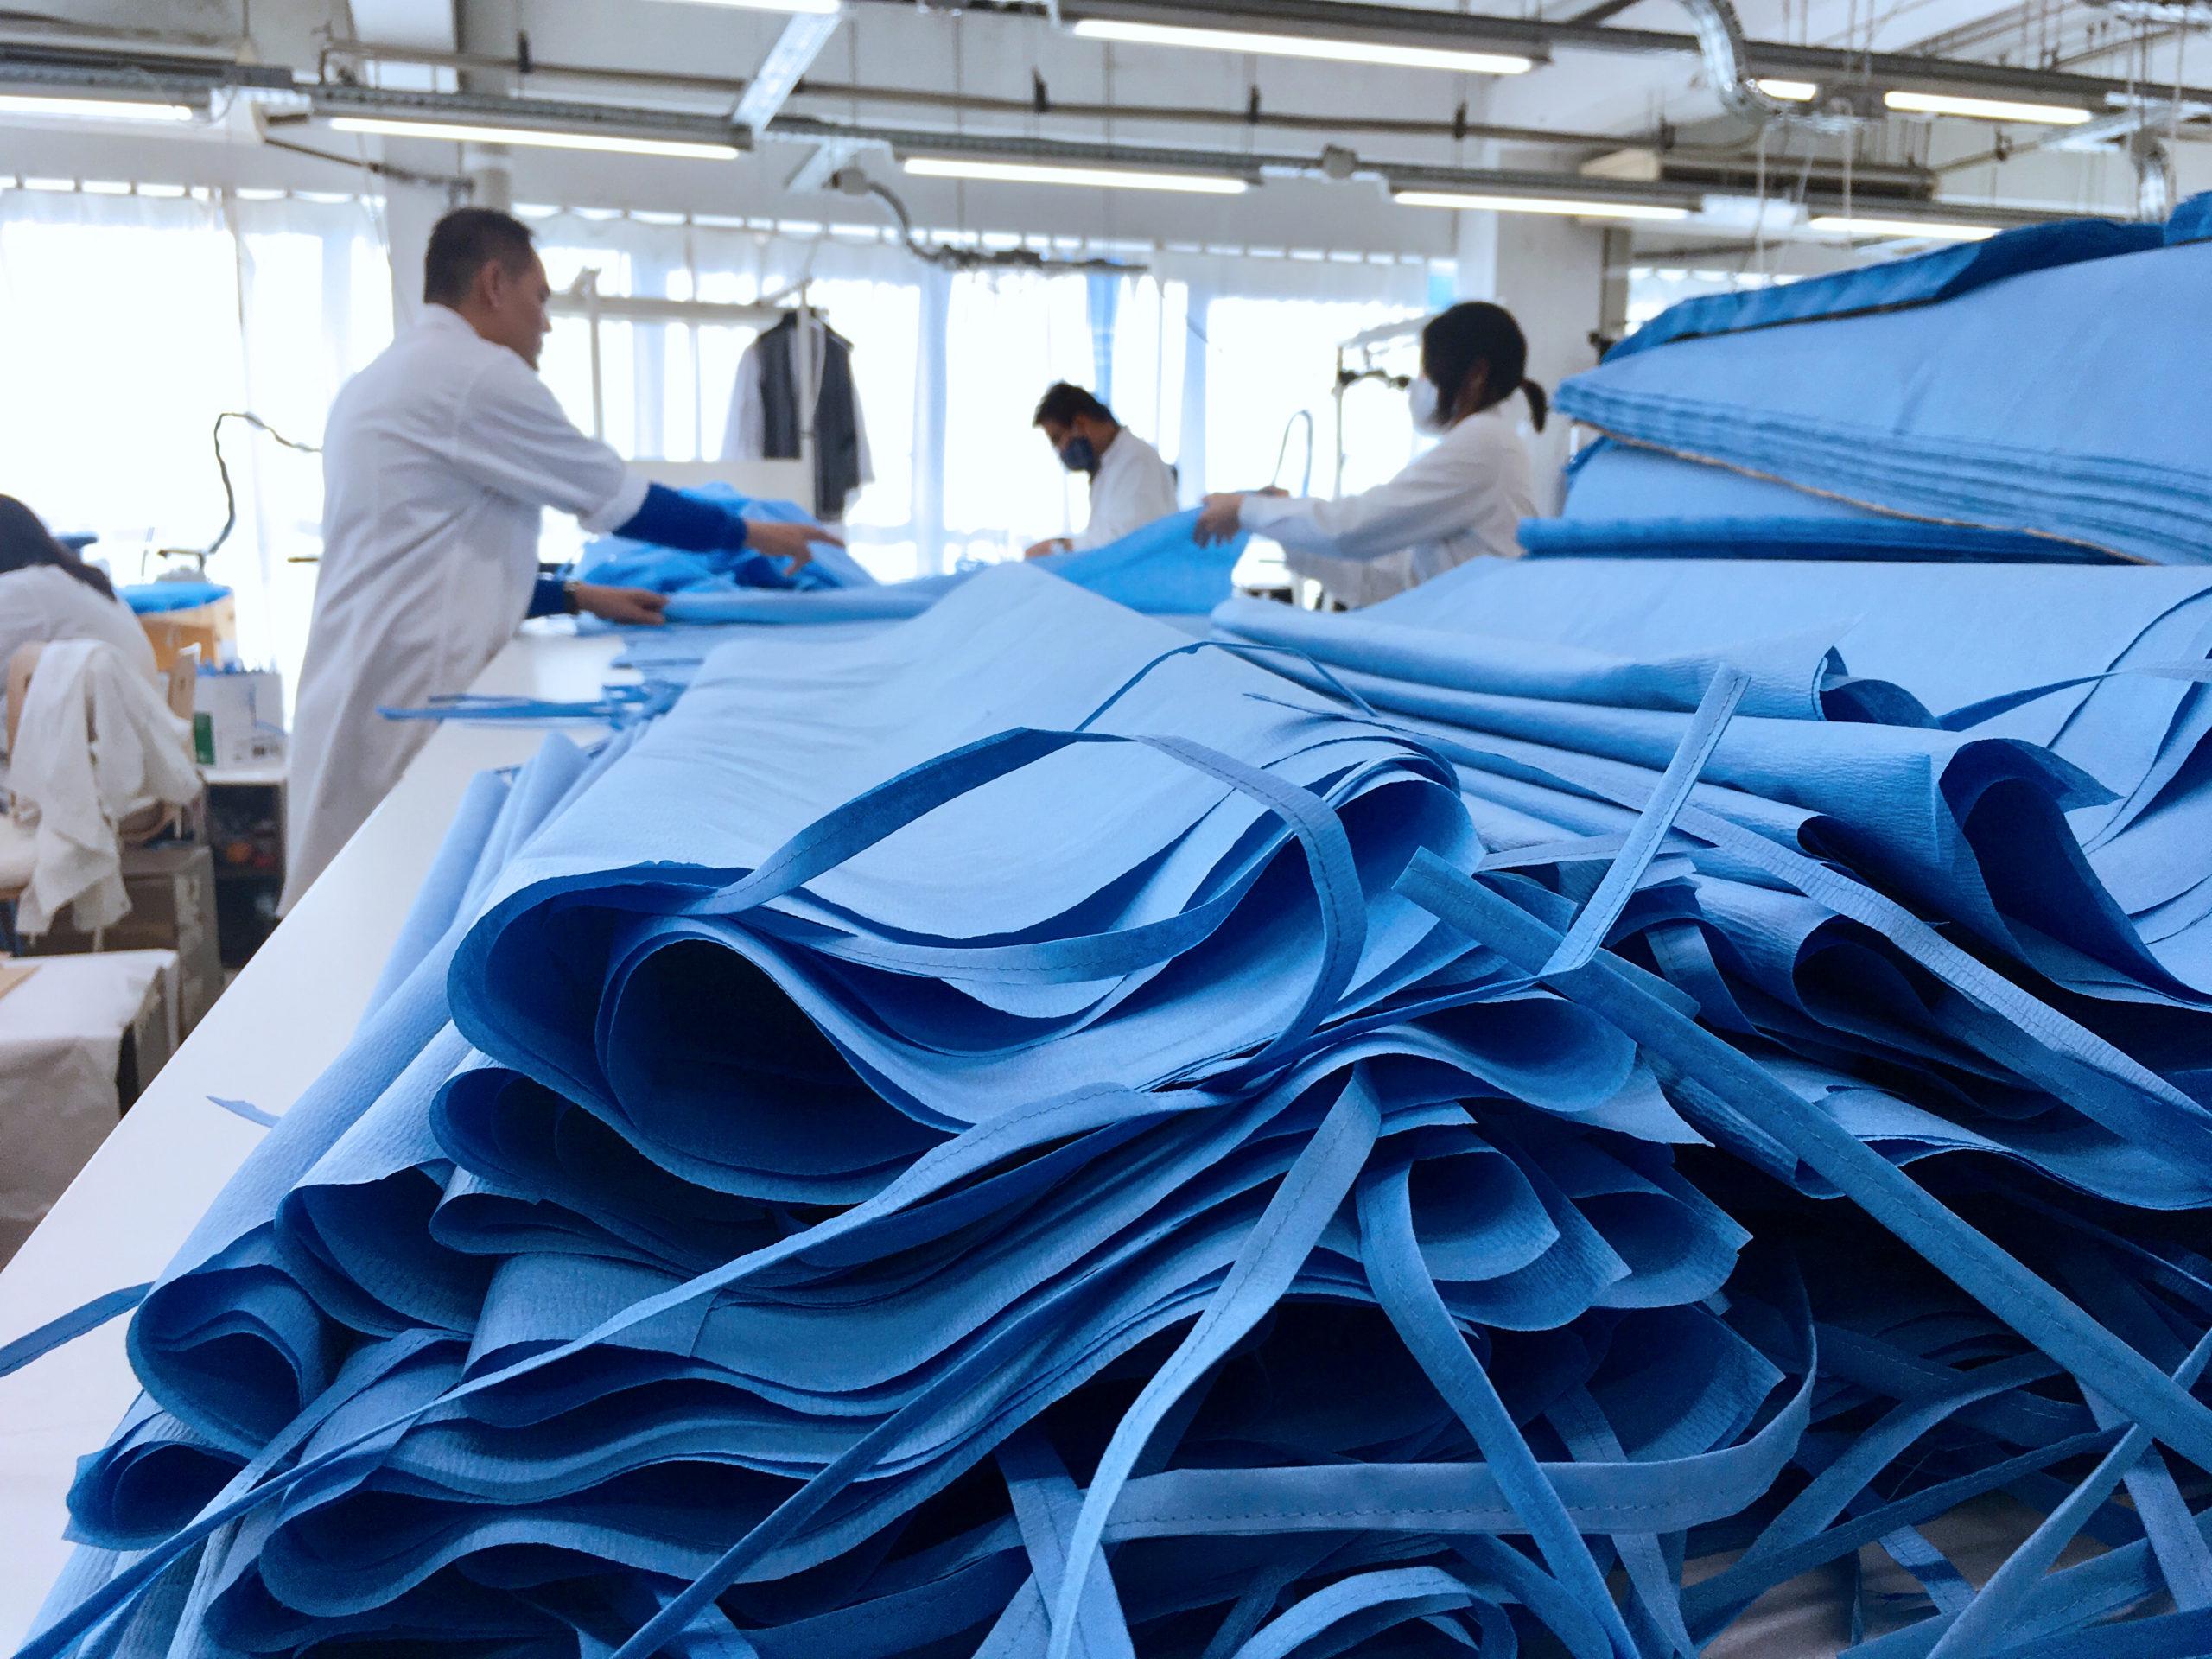 Tissu pour la création de surblouse médical